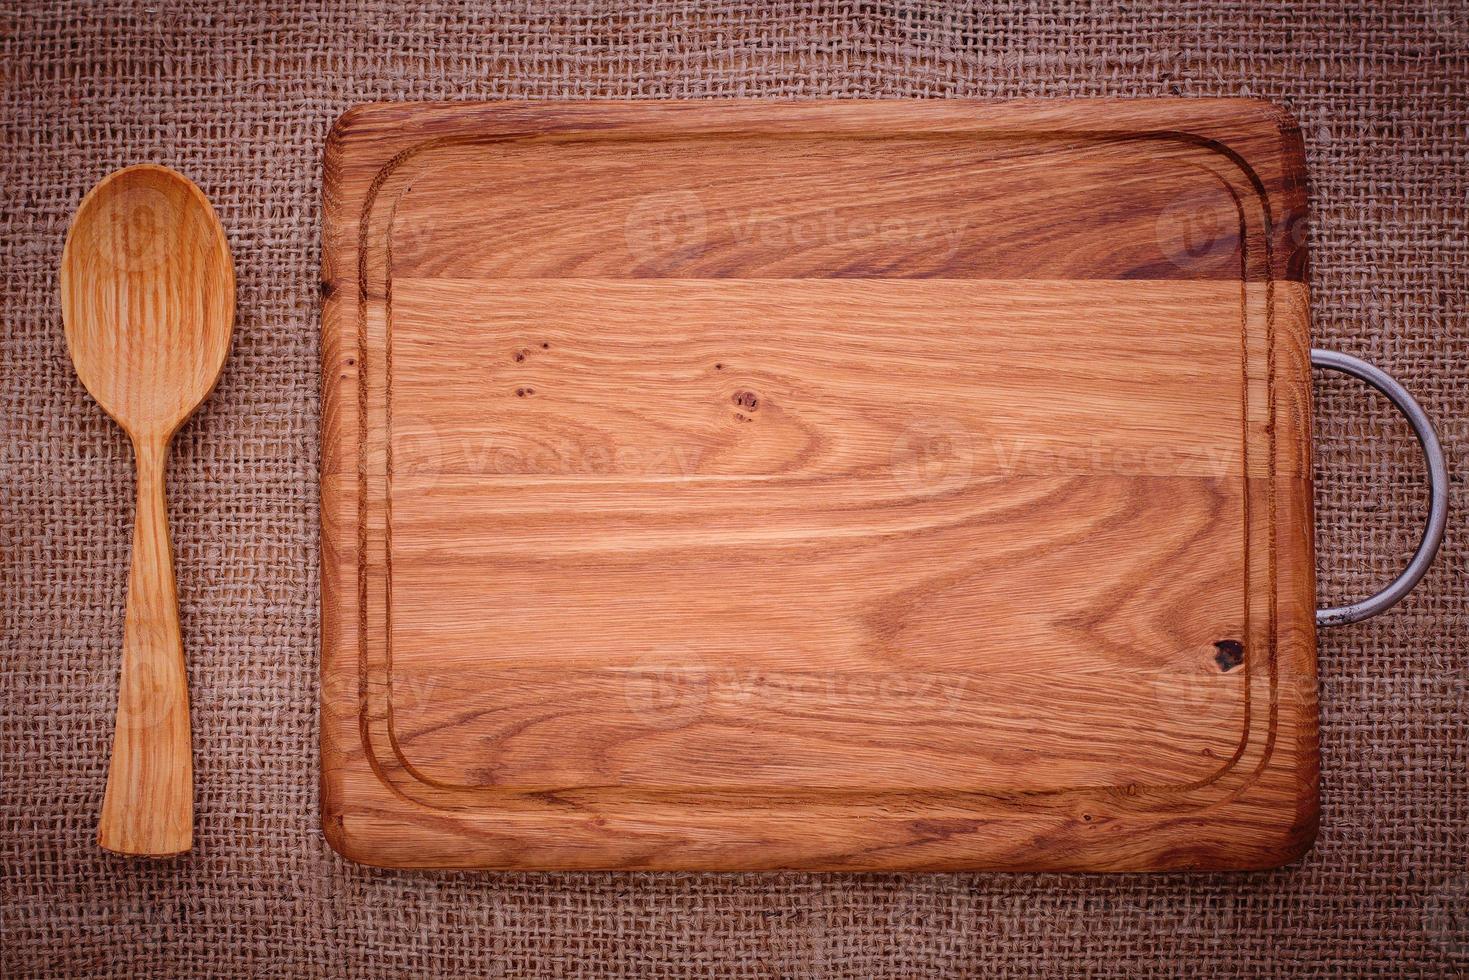 Holz Textur Hintergrund. foto